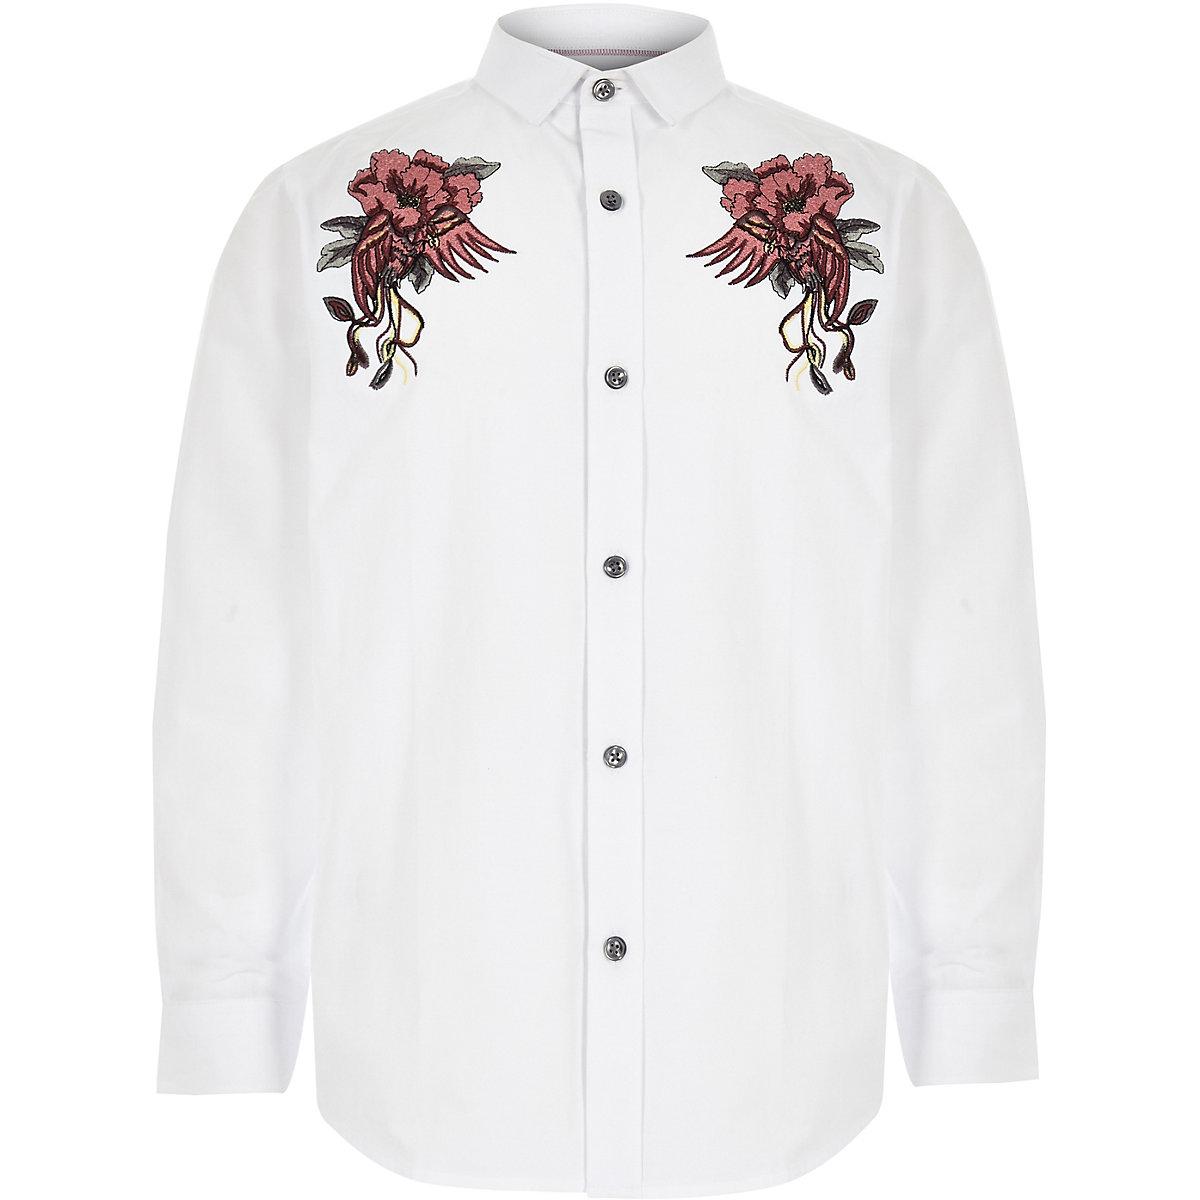 Chemise blanche brodée à manches longues pour garçon